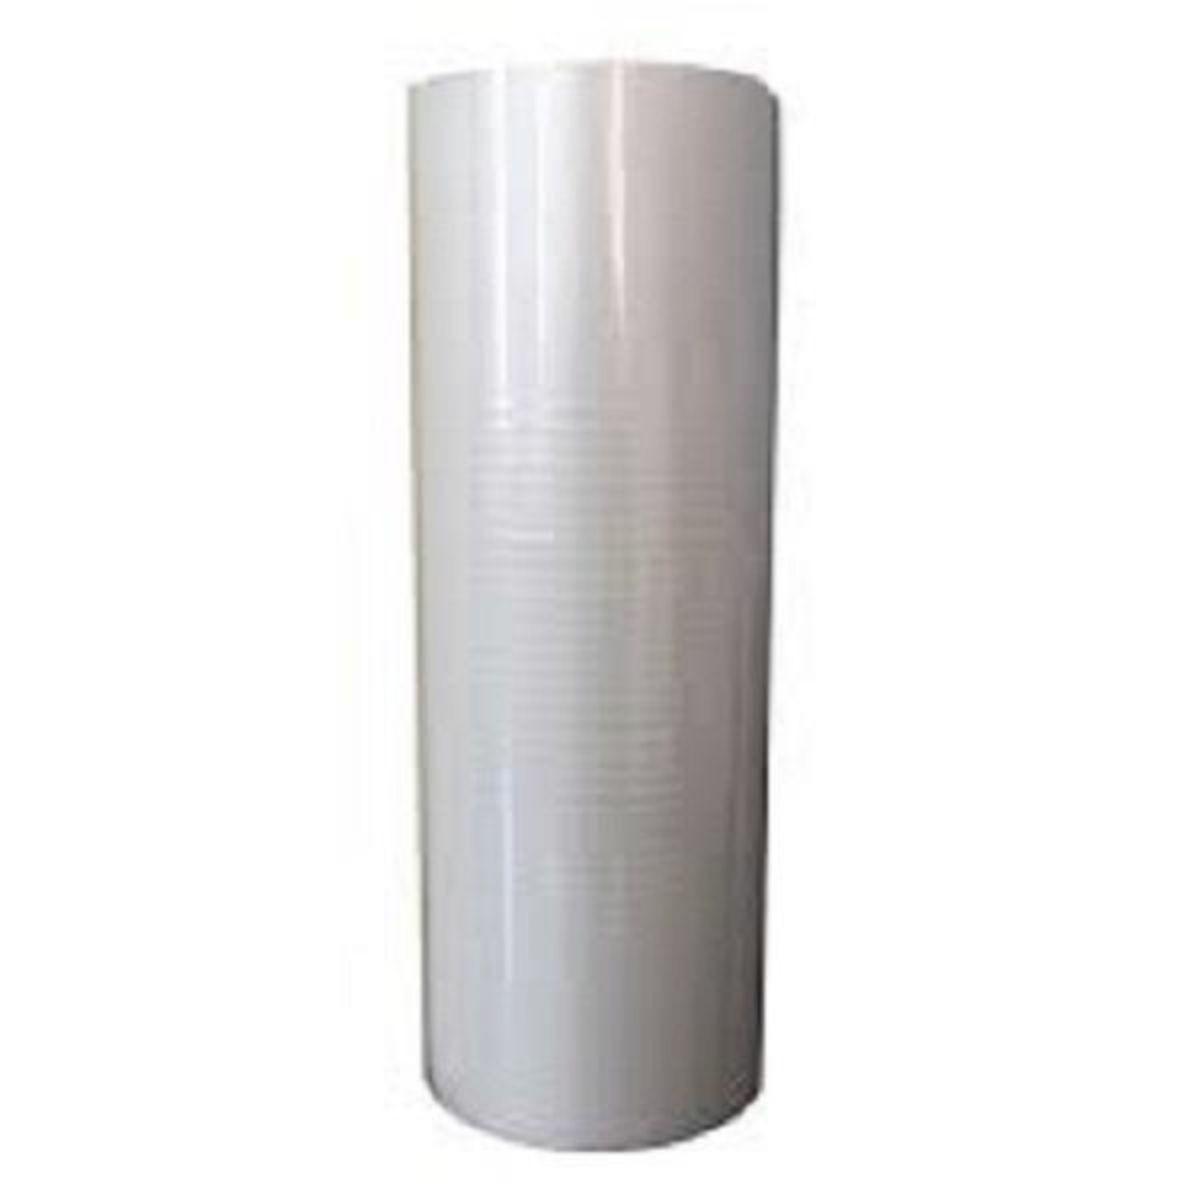 Bobina de BOPP para Laminação Brilho 21,5cm x 350M (24 micras)  - Click Suprimentos